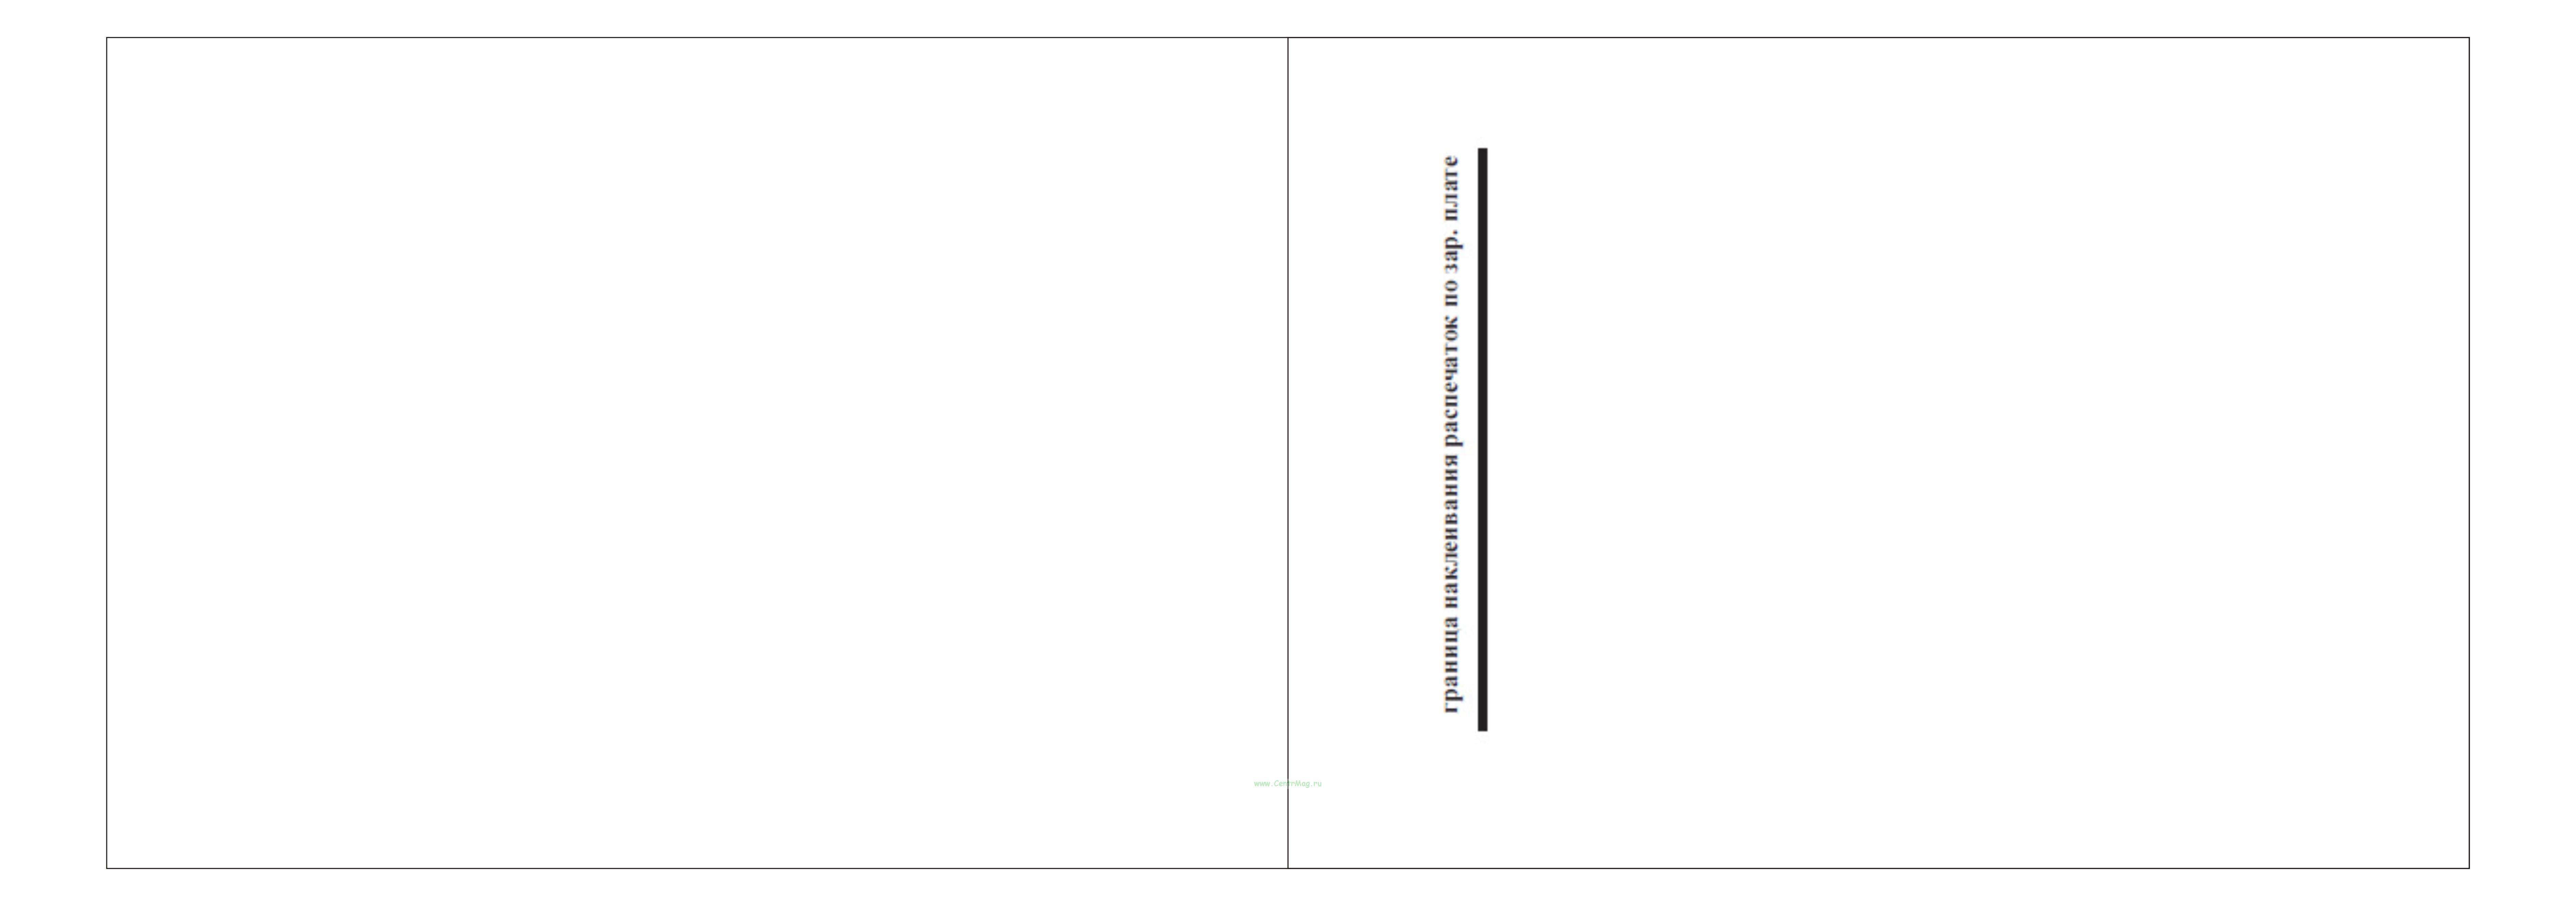 карточка справка форма 0504417 образец заполнения